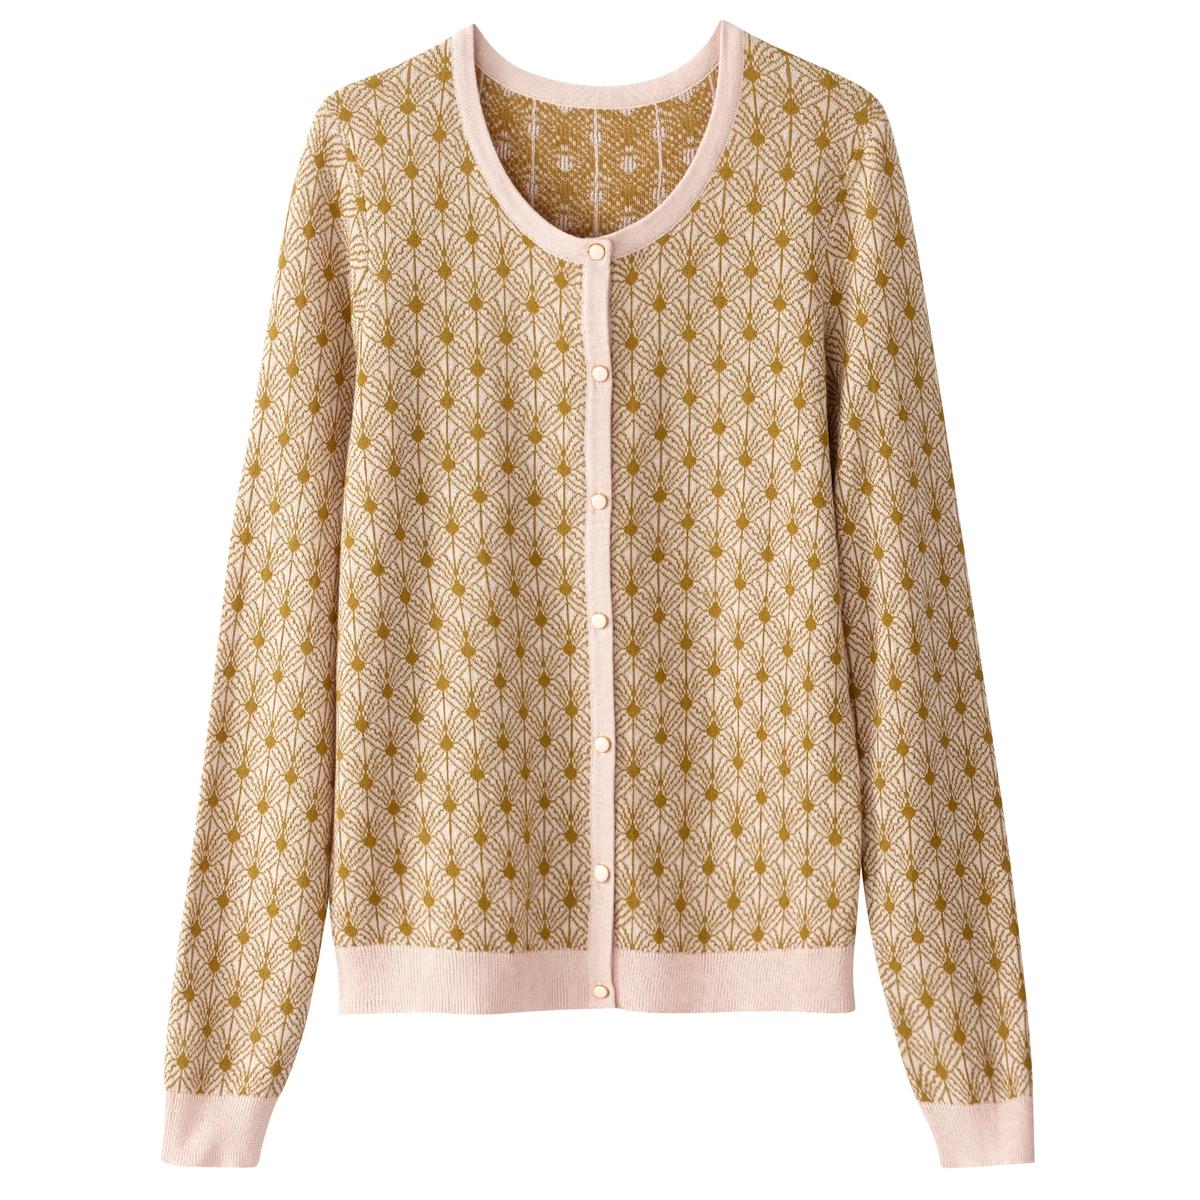 Żakardowy sweter rozpinany z okrągłym dekoltem